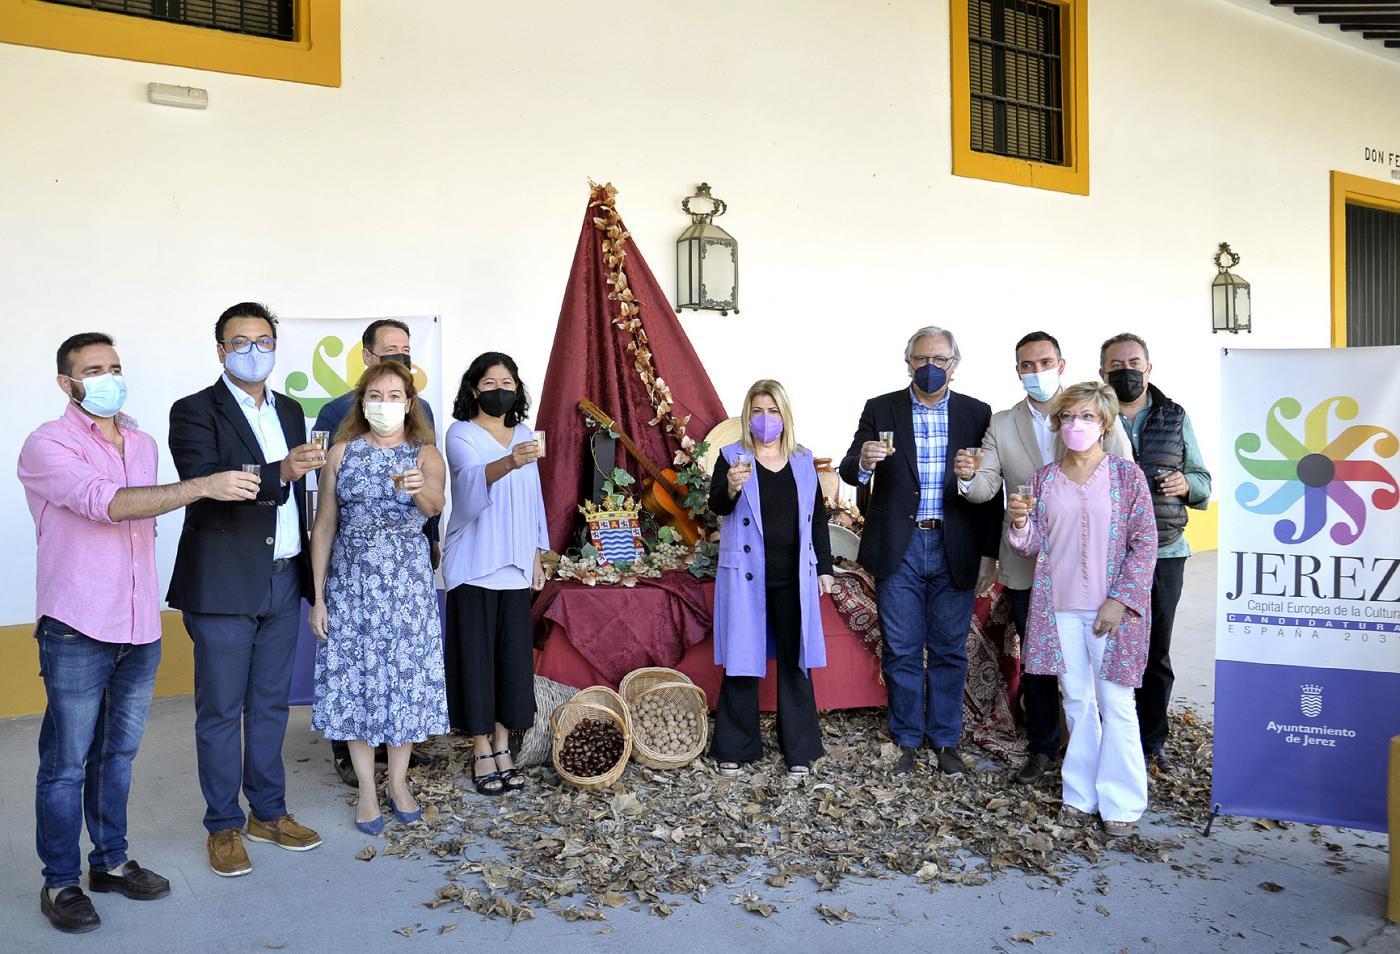 El Ayuntamiento de Jerez refuerza el programa de ocio en la calle del mes de noviembre